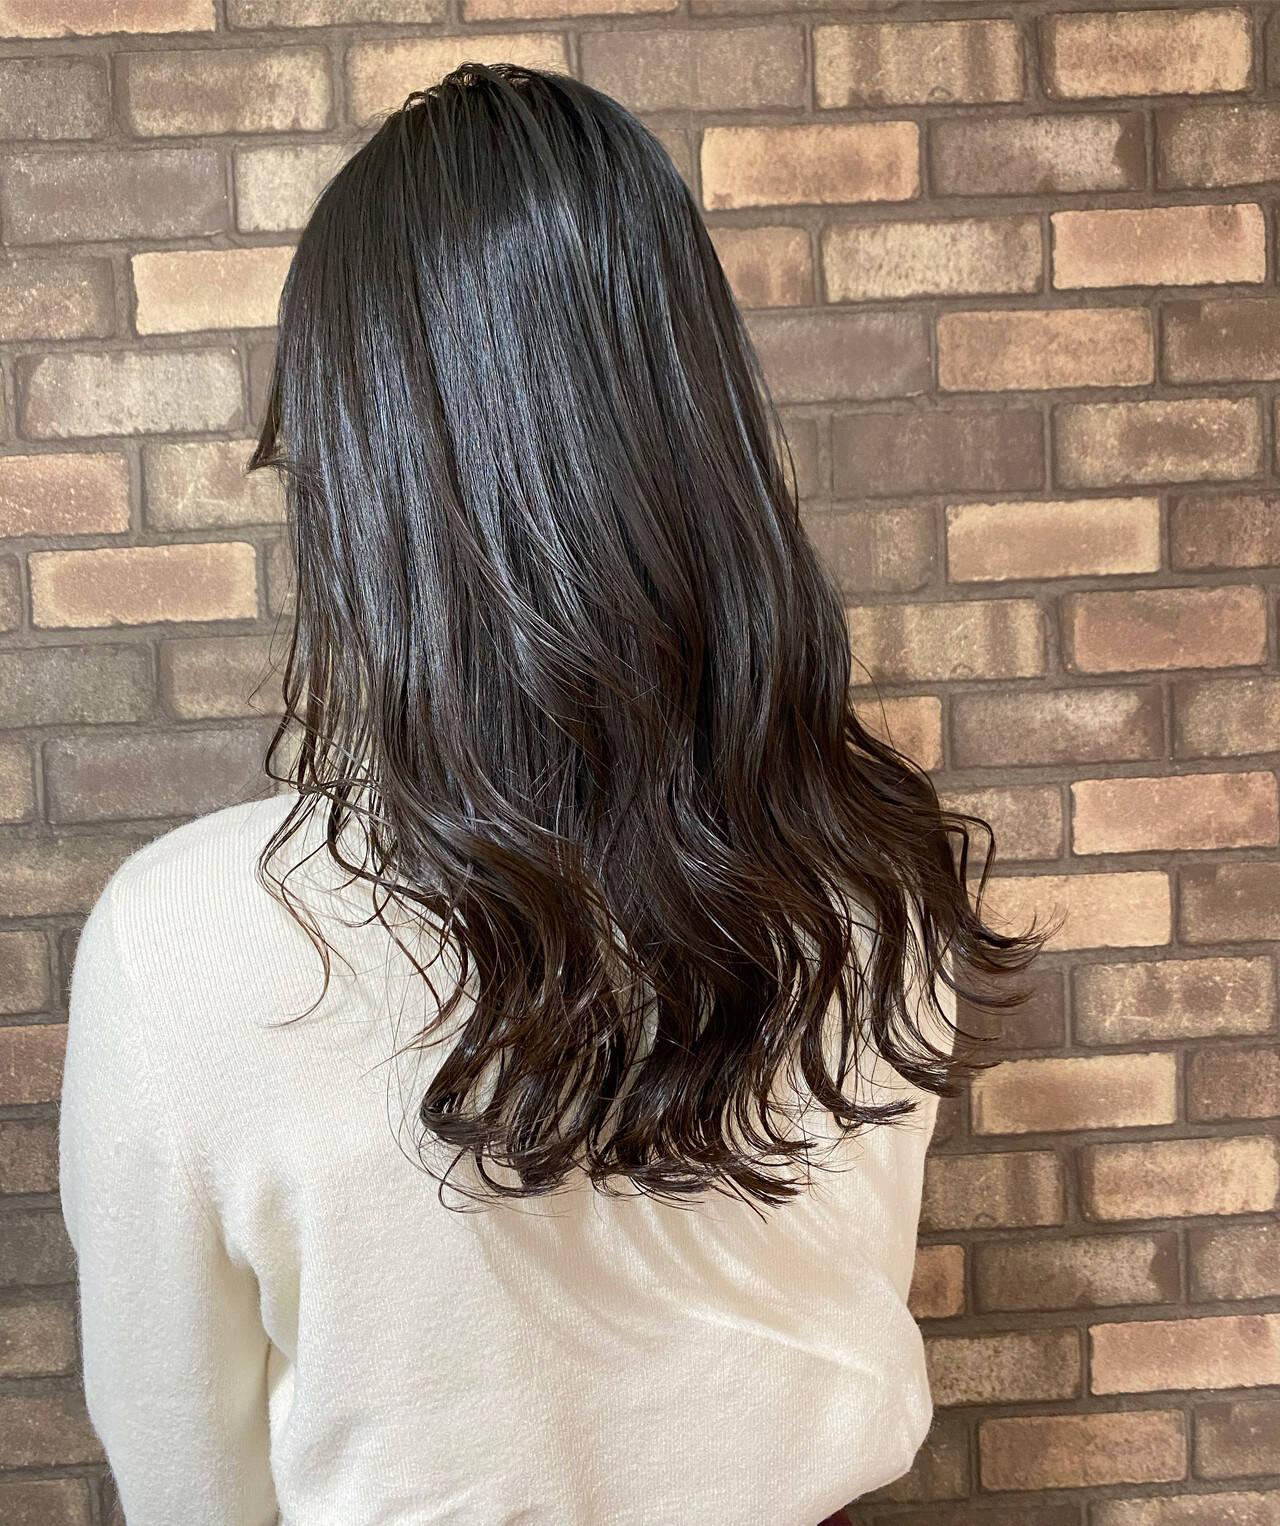 大人ロング ナチュラル 艶髪 イルミナカラーヘアスタイルや髪型の写真・画像